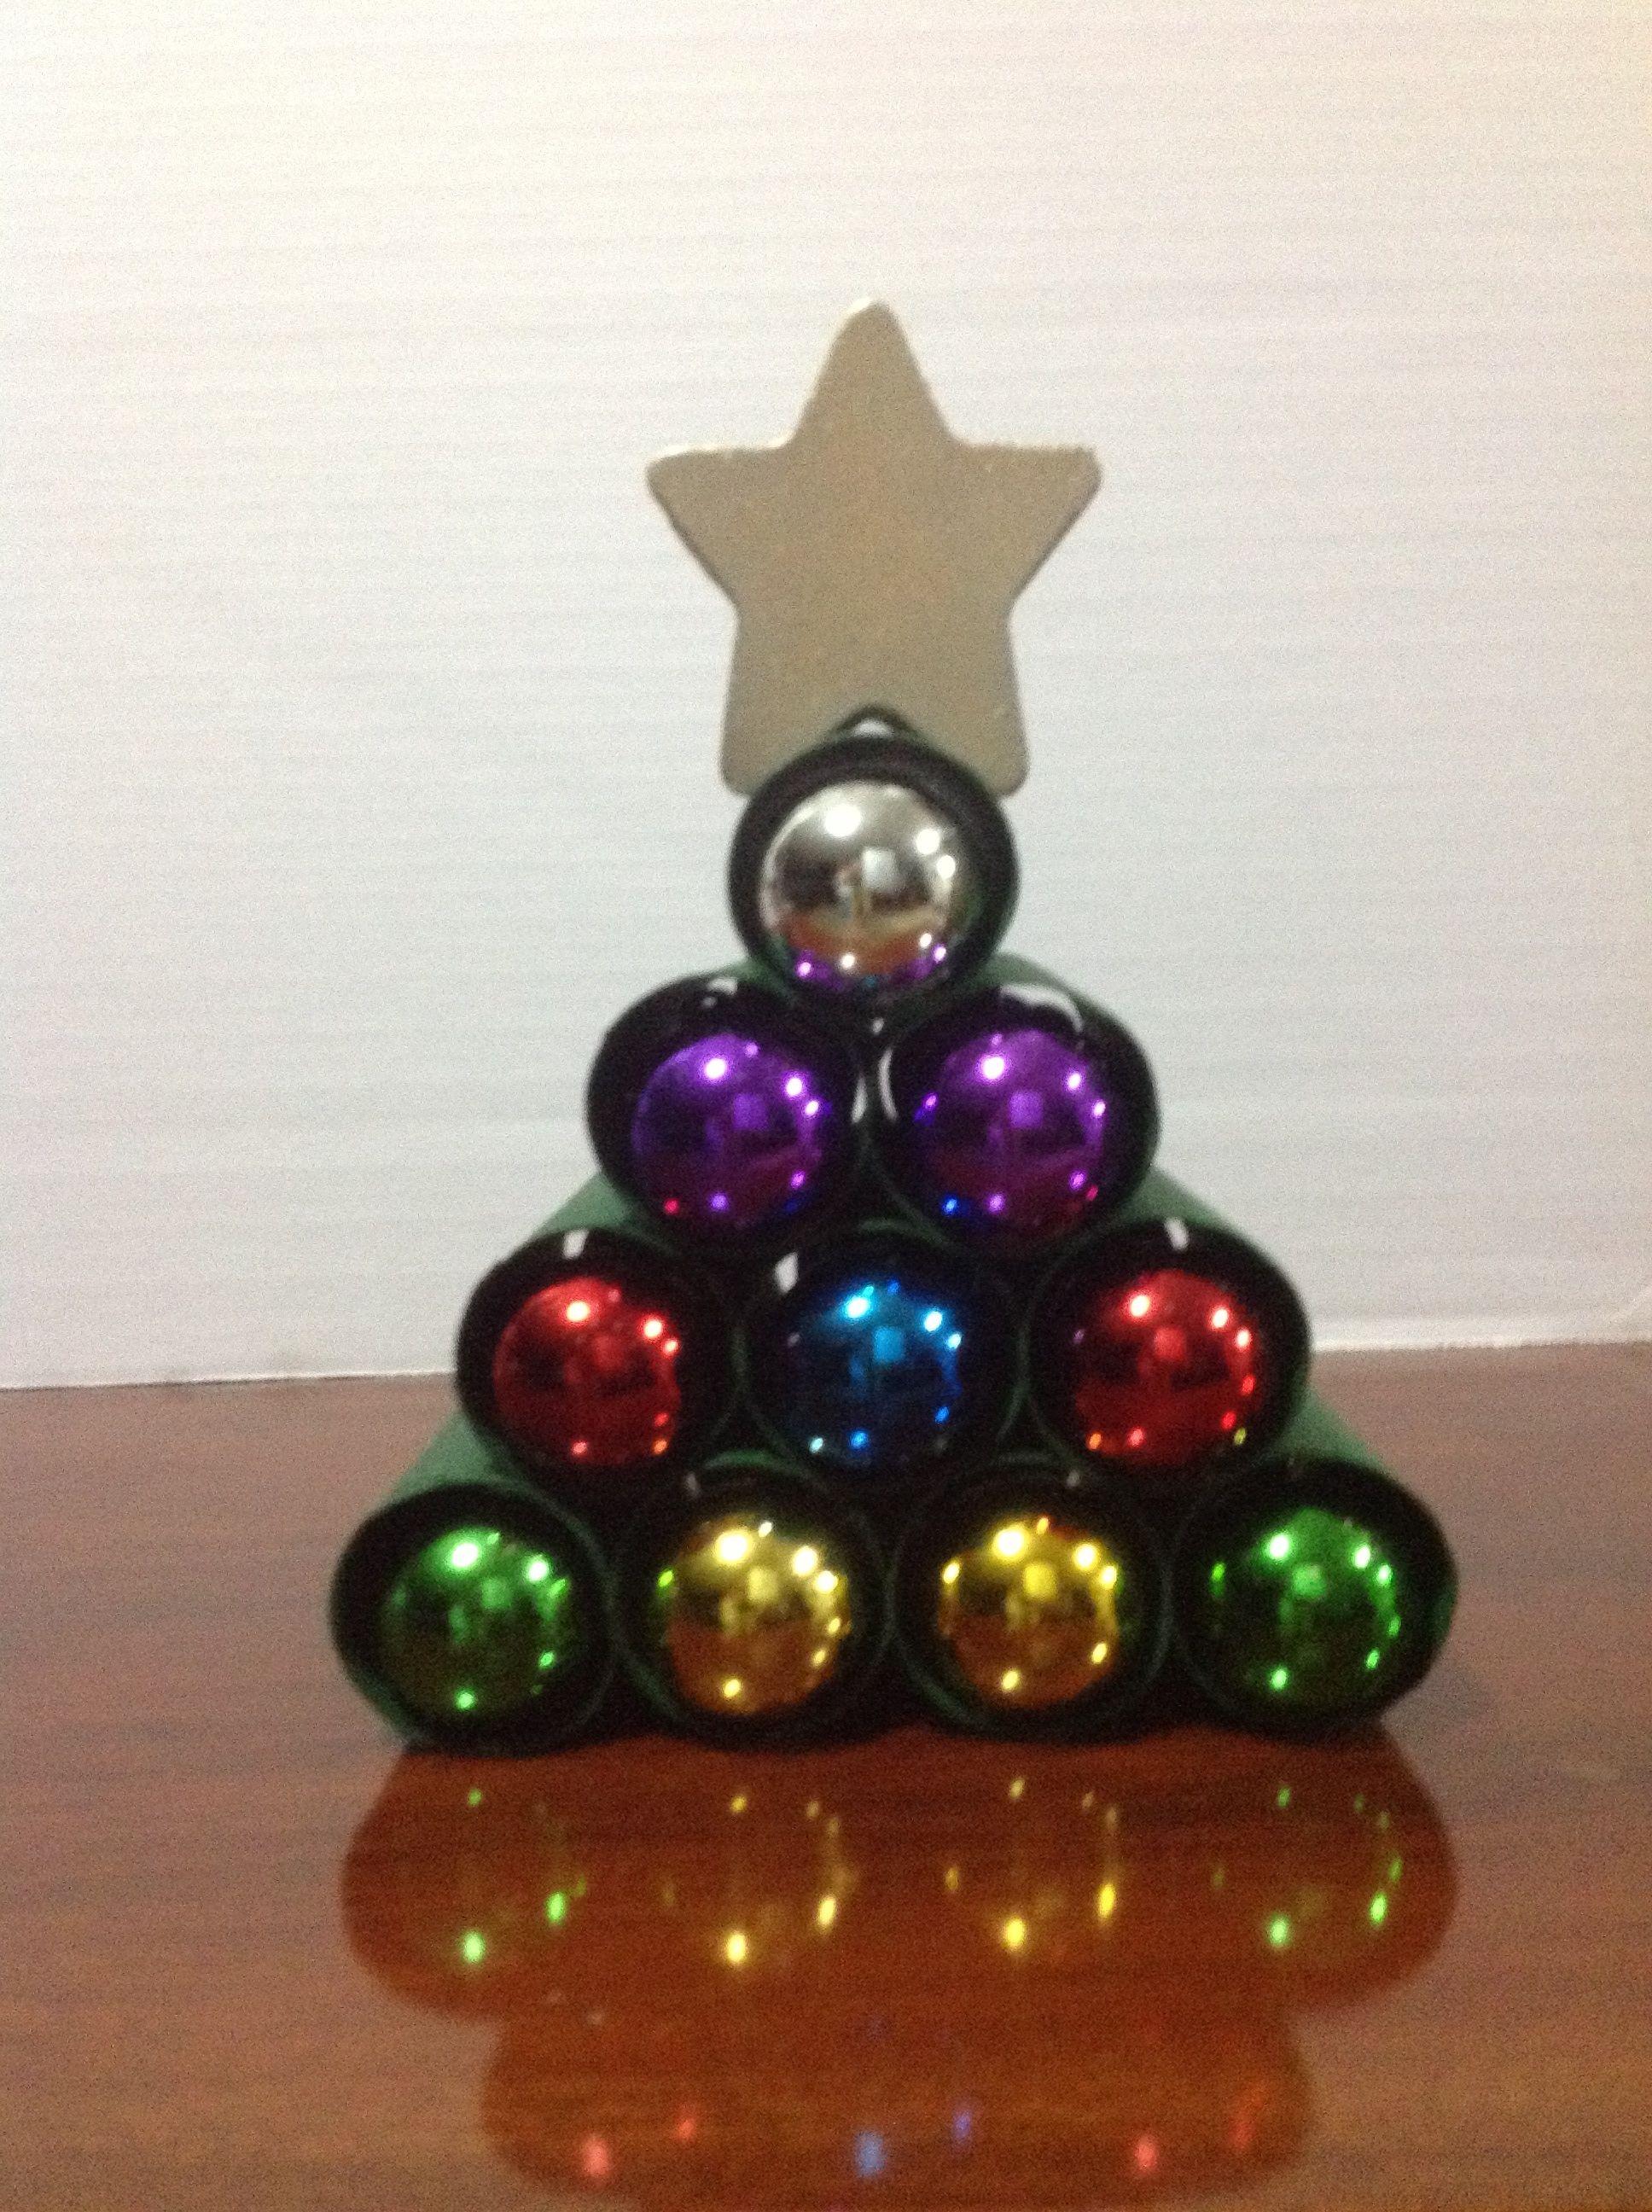 Arbolito De Navidad Hecho Con Rollos De Papel Higienico Y Esferas Adornos Navidad Manualidades Decoracion Arbol De Navidad Manualidades Hechas Con Carton